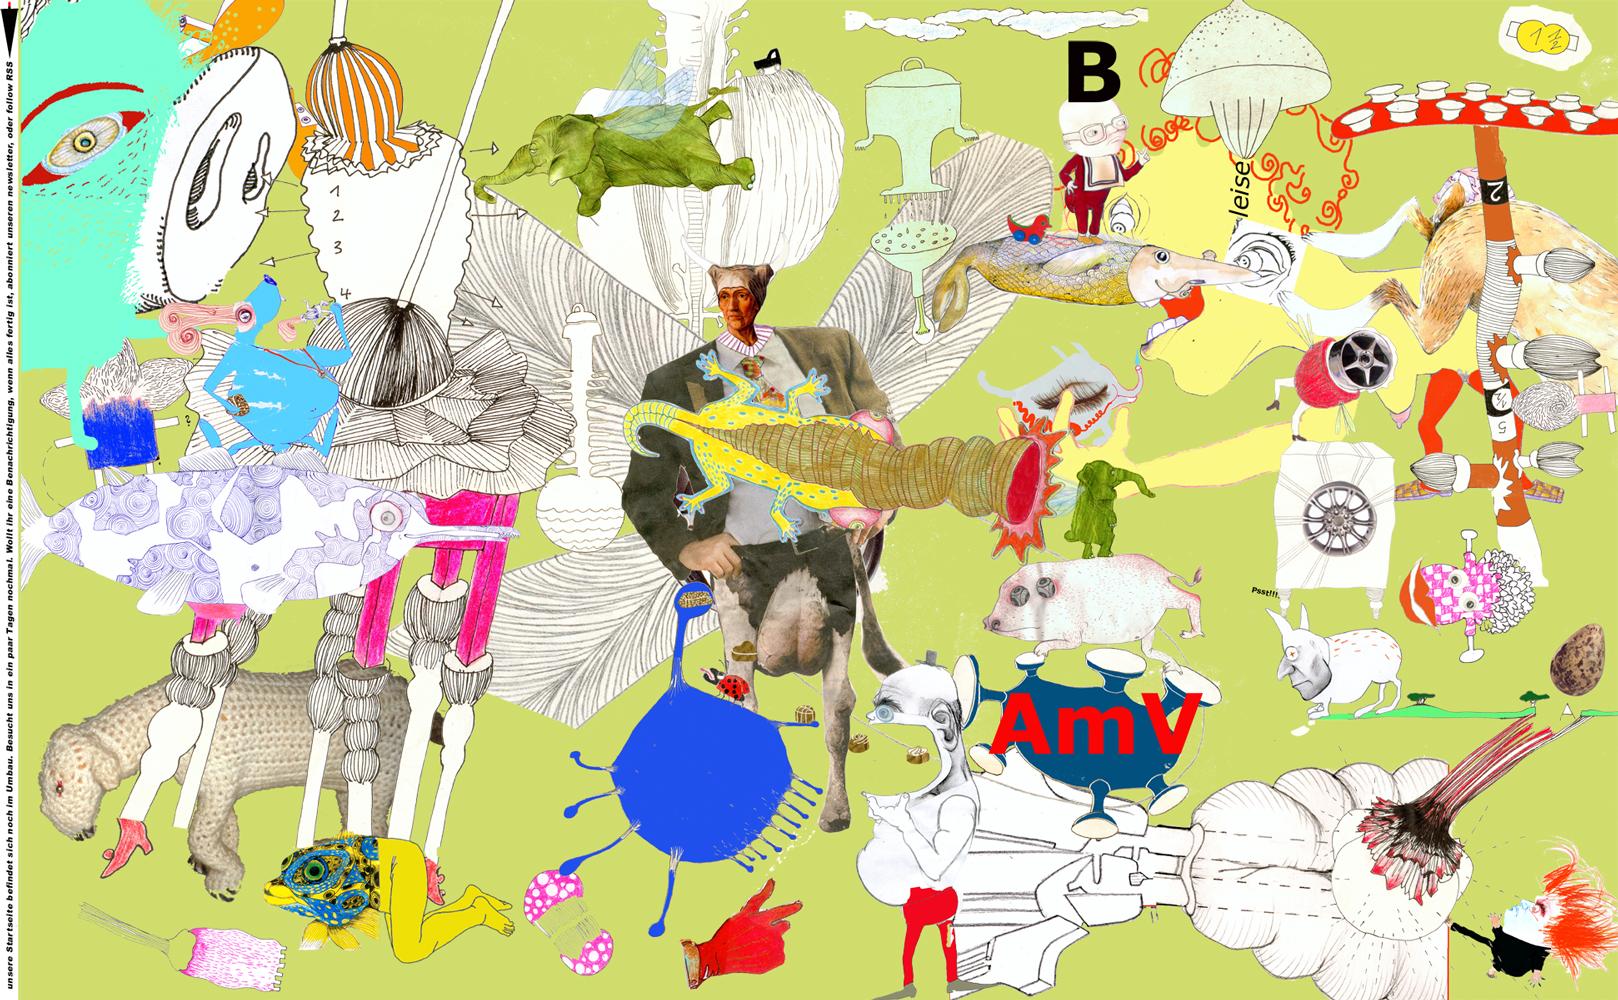 Internetpräsenz der fiktiven Illustratorengruppe